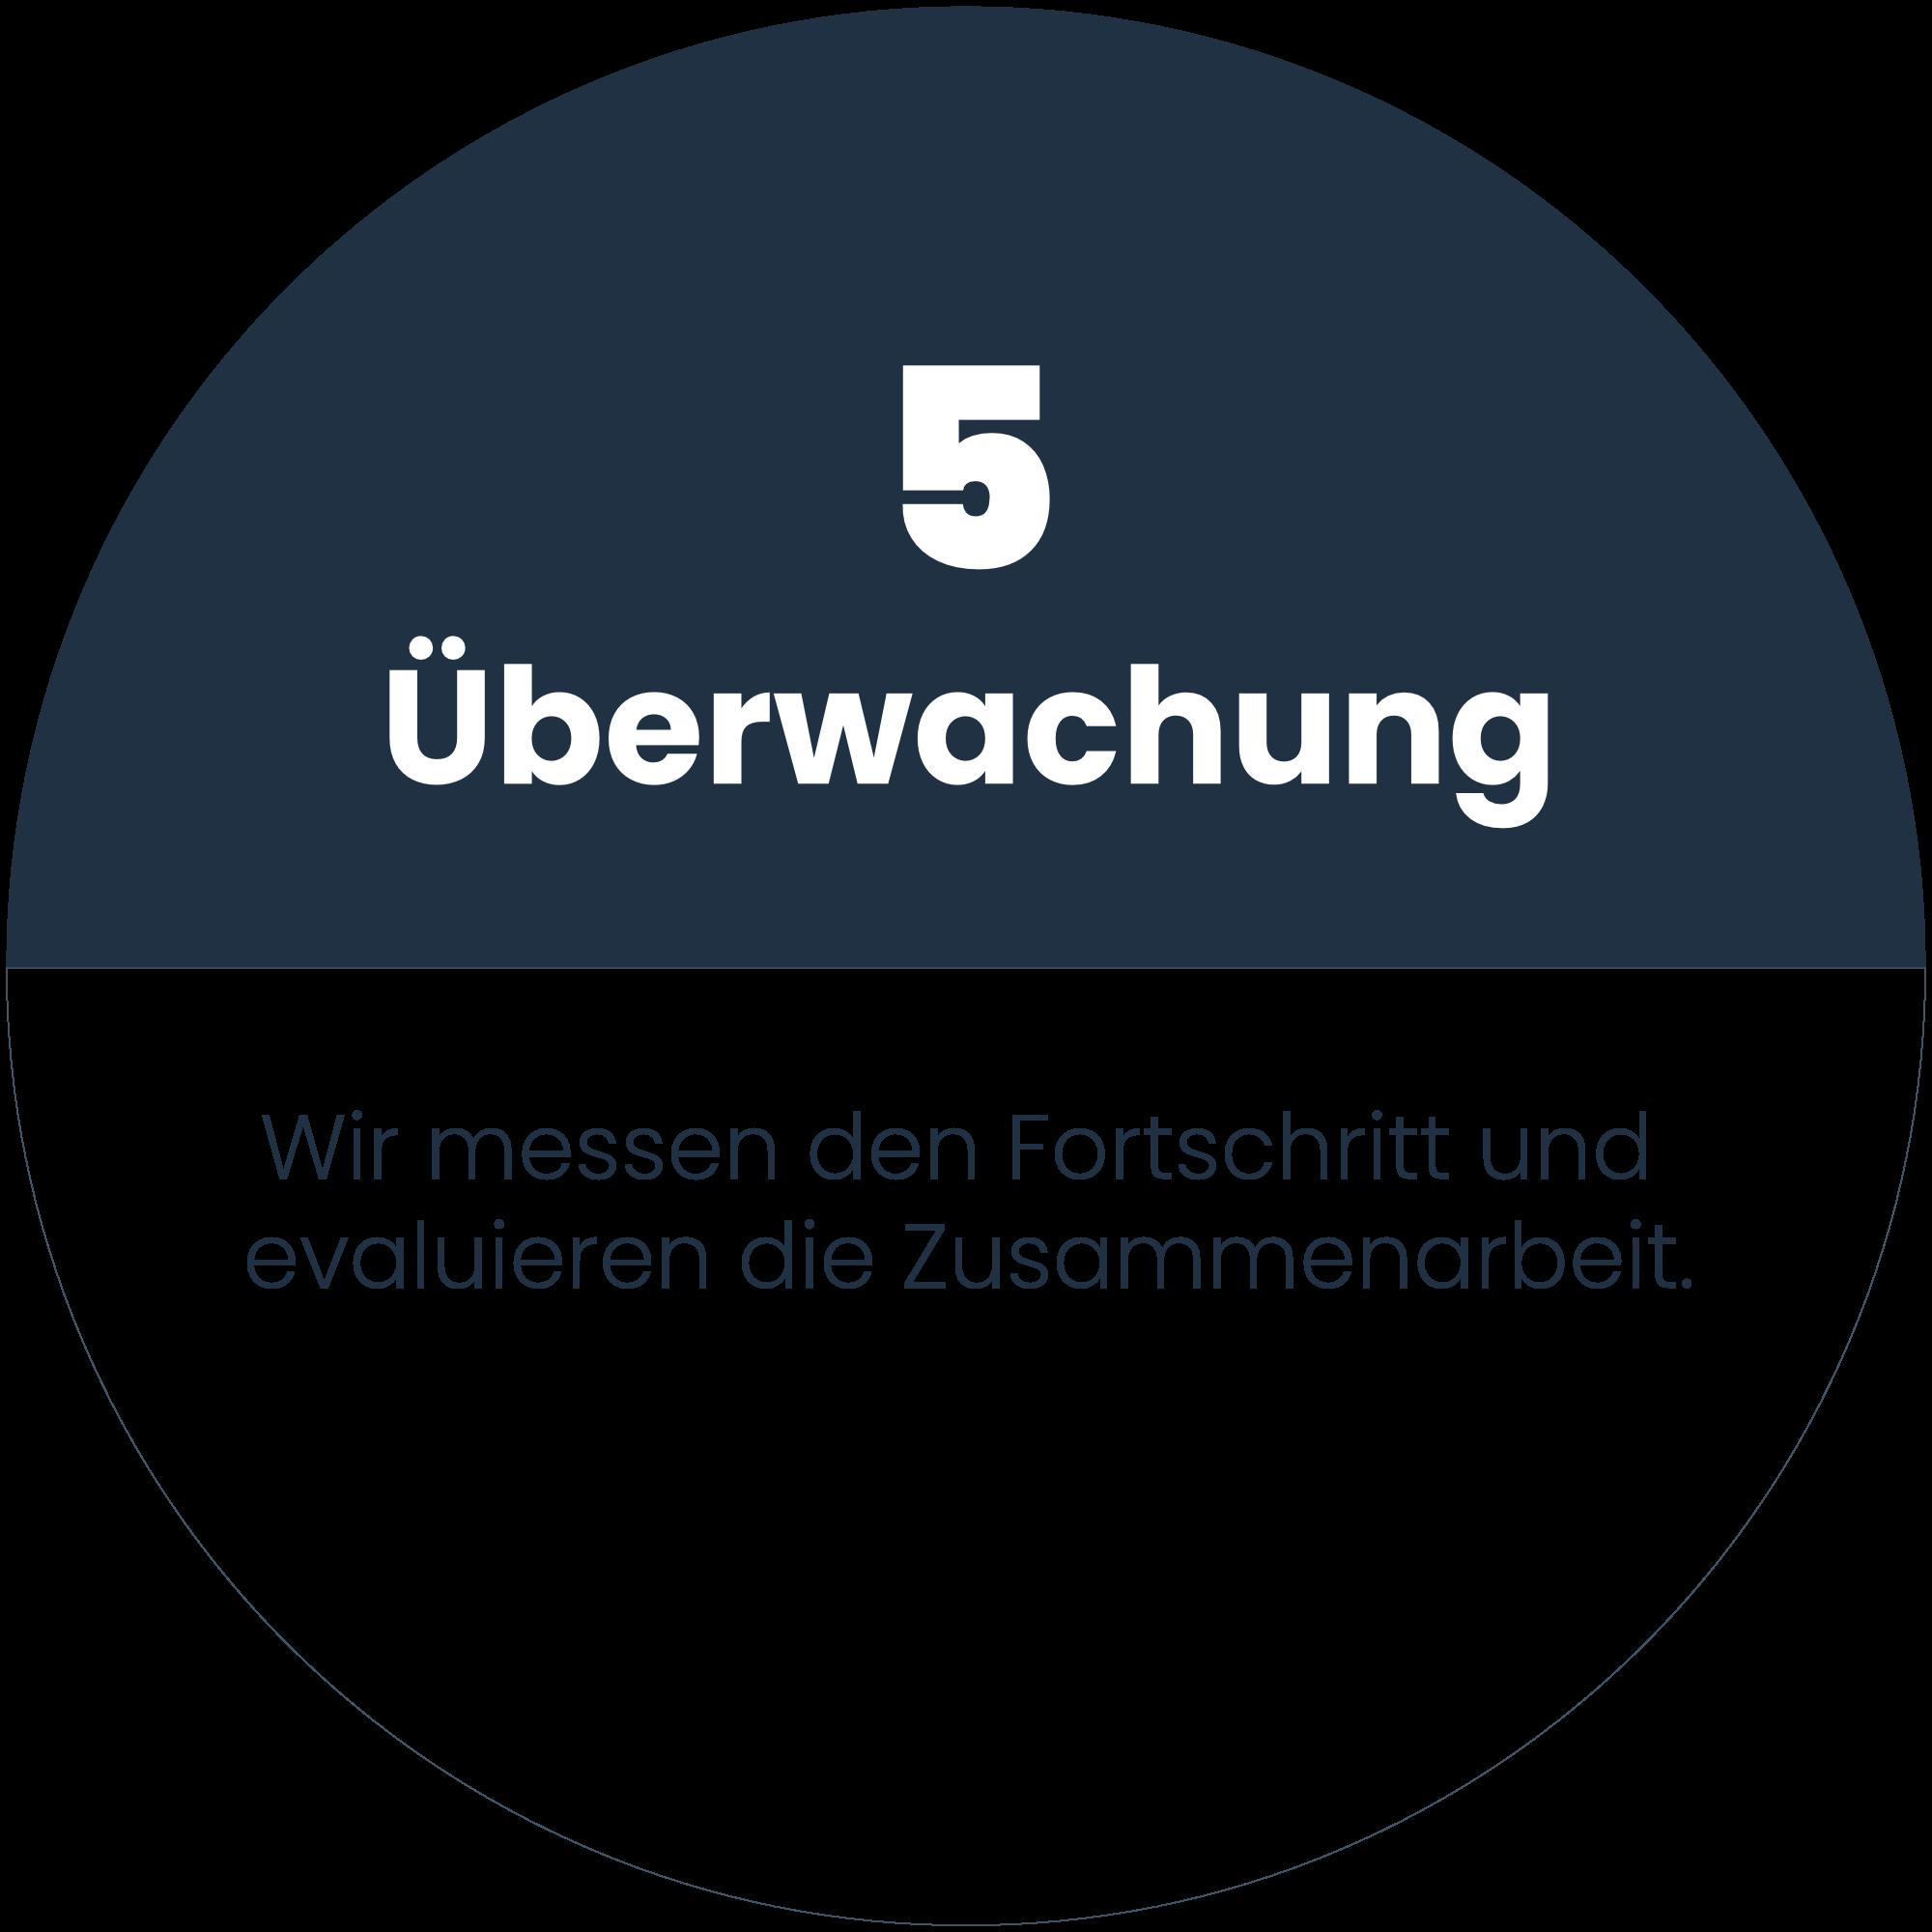 5-uberwachung